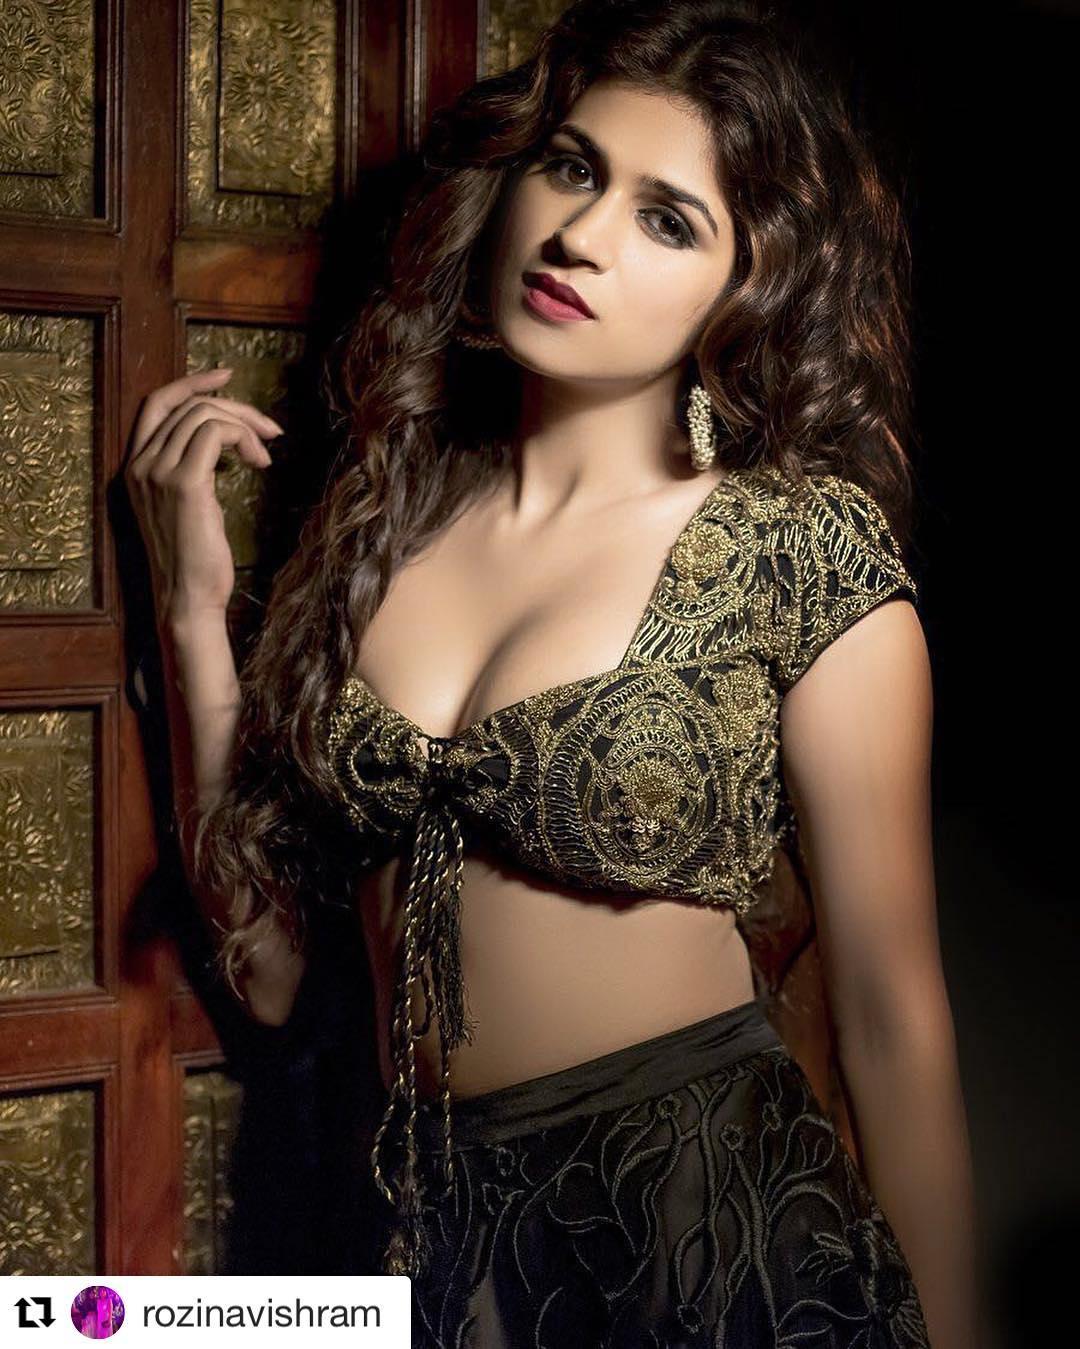 శ్రద్ధా దాస్ హాట్ పిక్స్.. Photo : Instagram/shraddhadas43